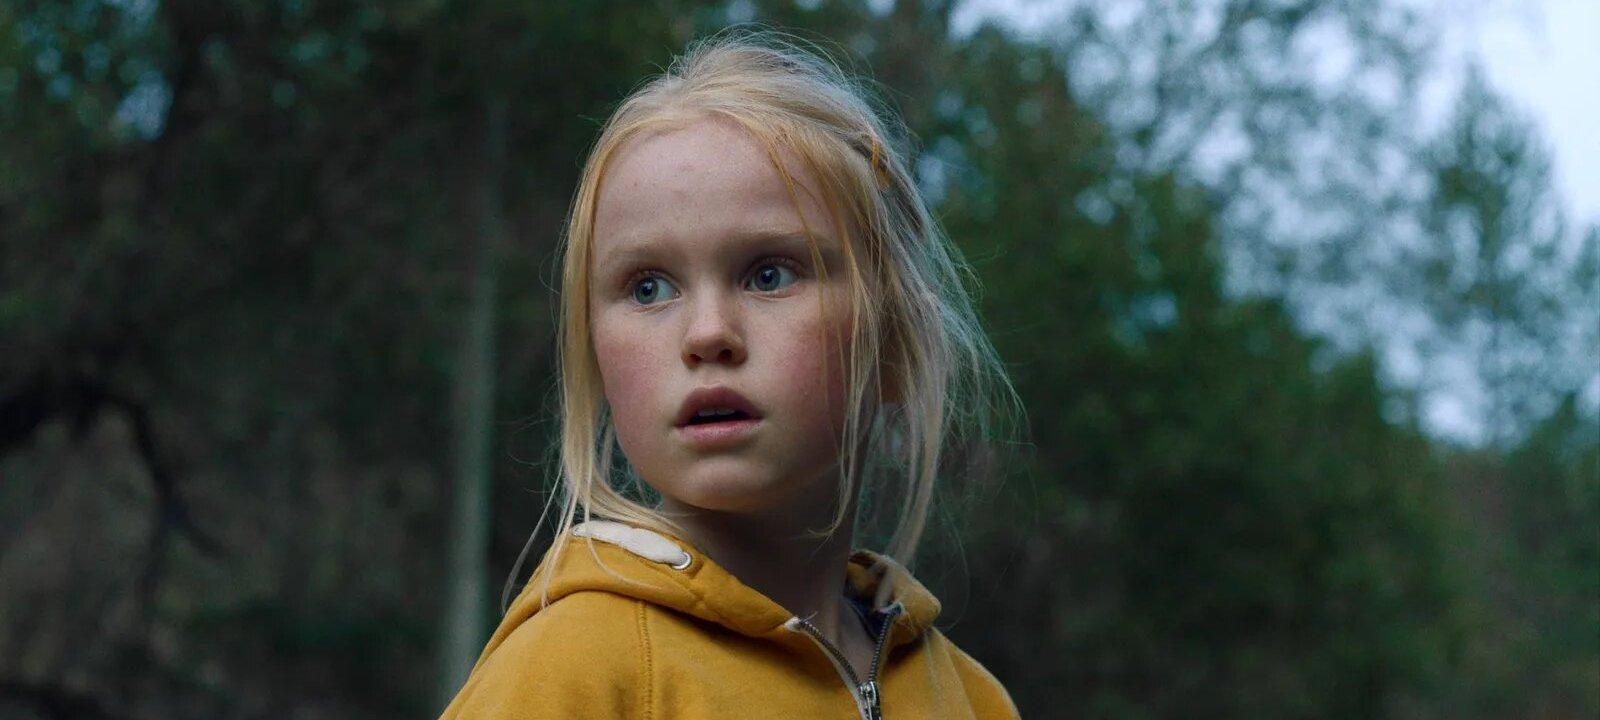 The Innocents: el terror nórdico perturbador de Eskil Vogt